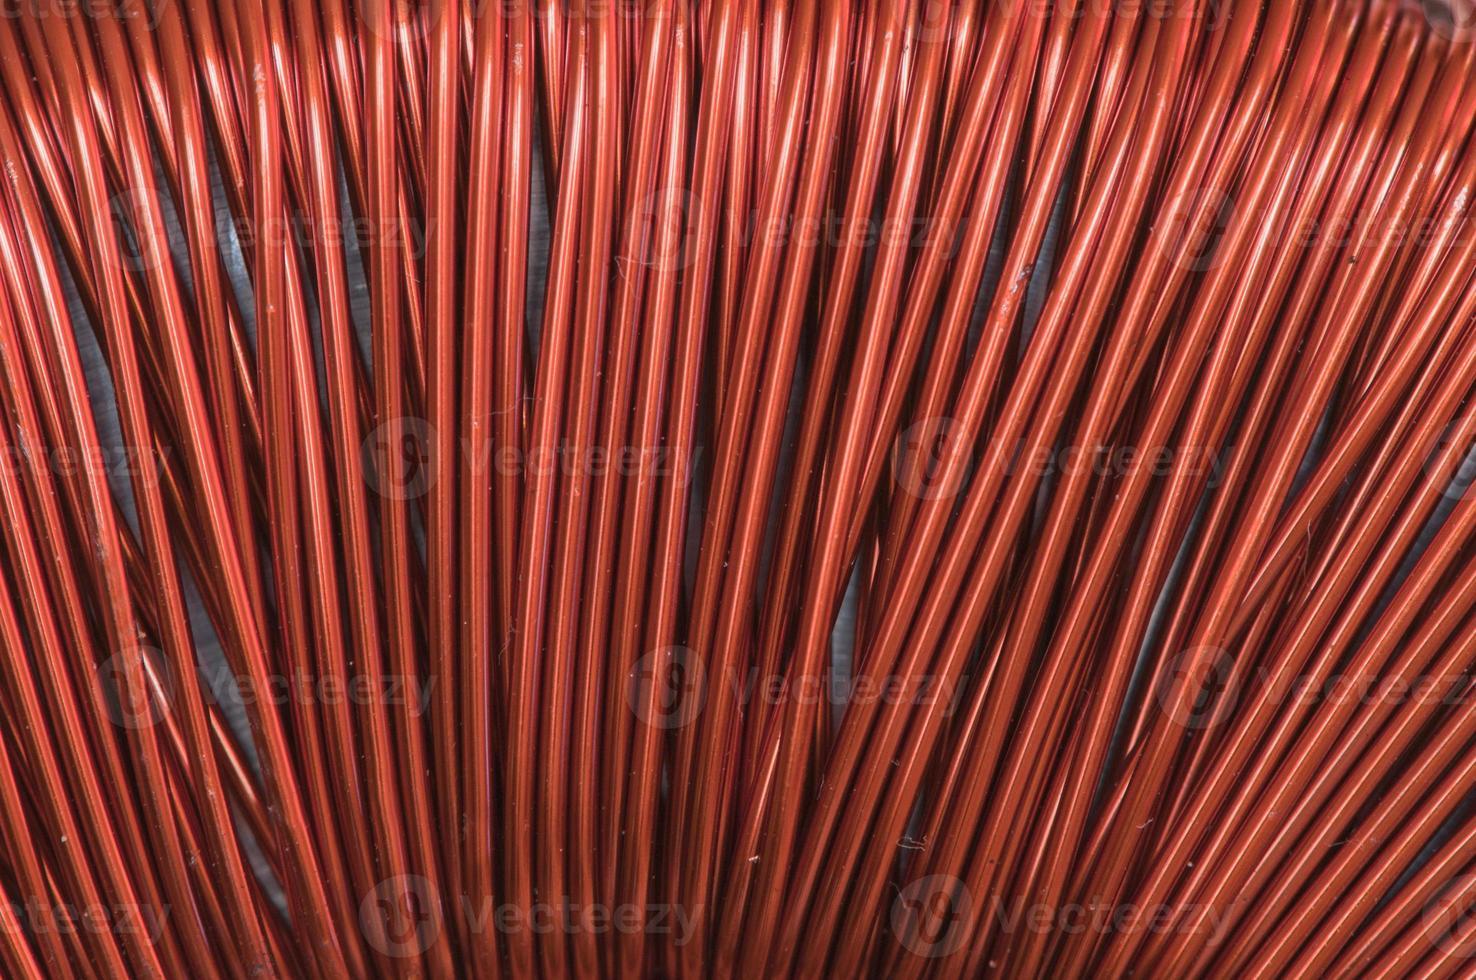 fil de cuivre photo